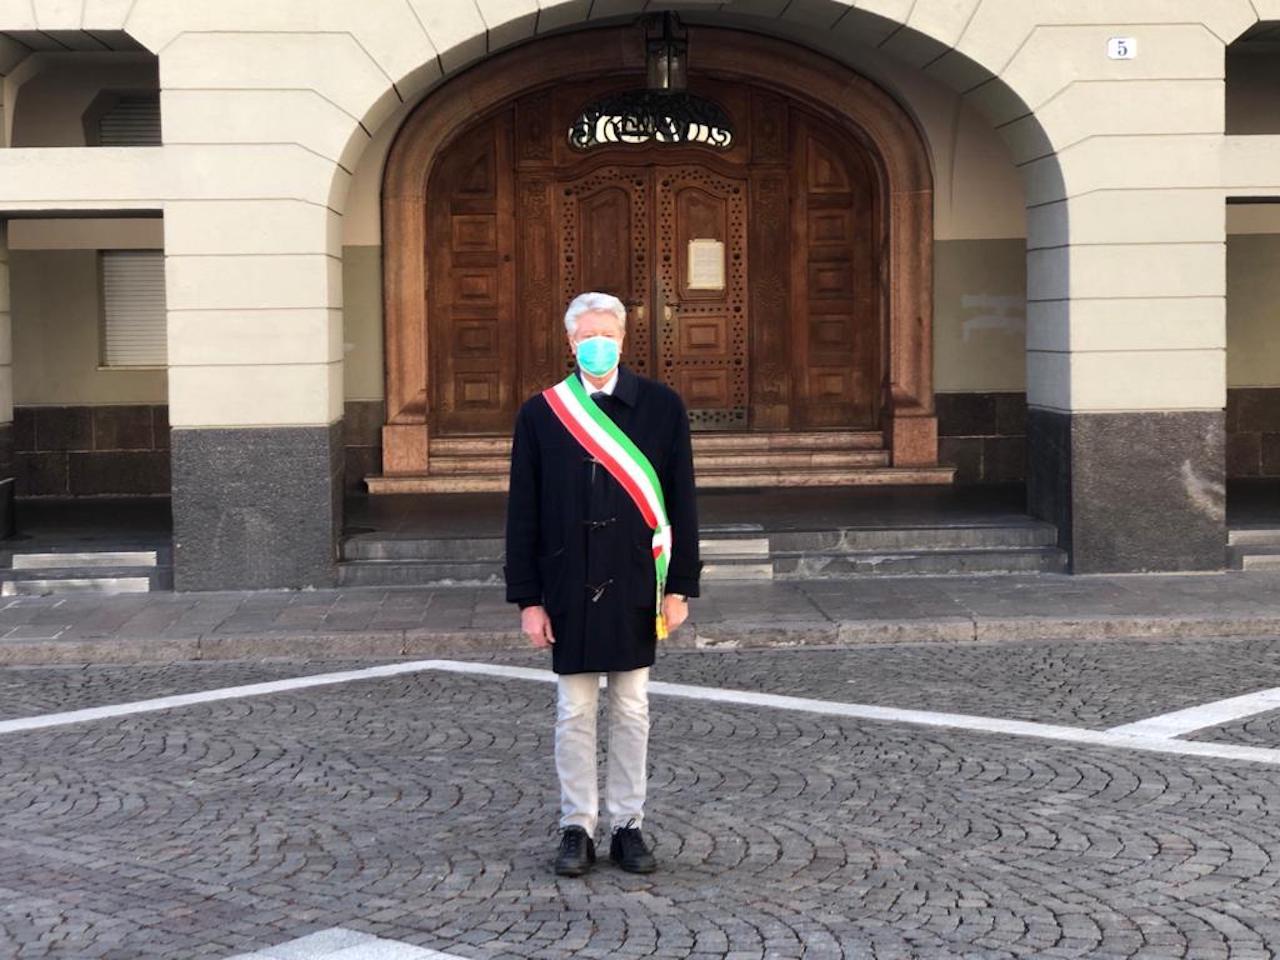 Comune Di Lana Bz covid -19: bandiere a mezz'asta in municipio a bolzano e